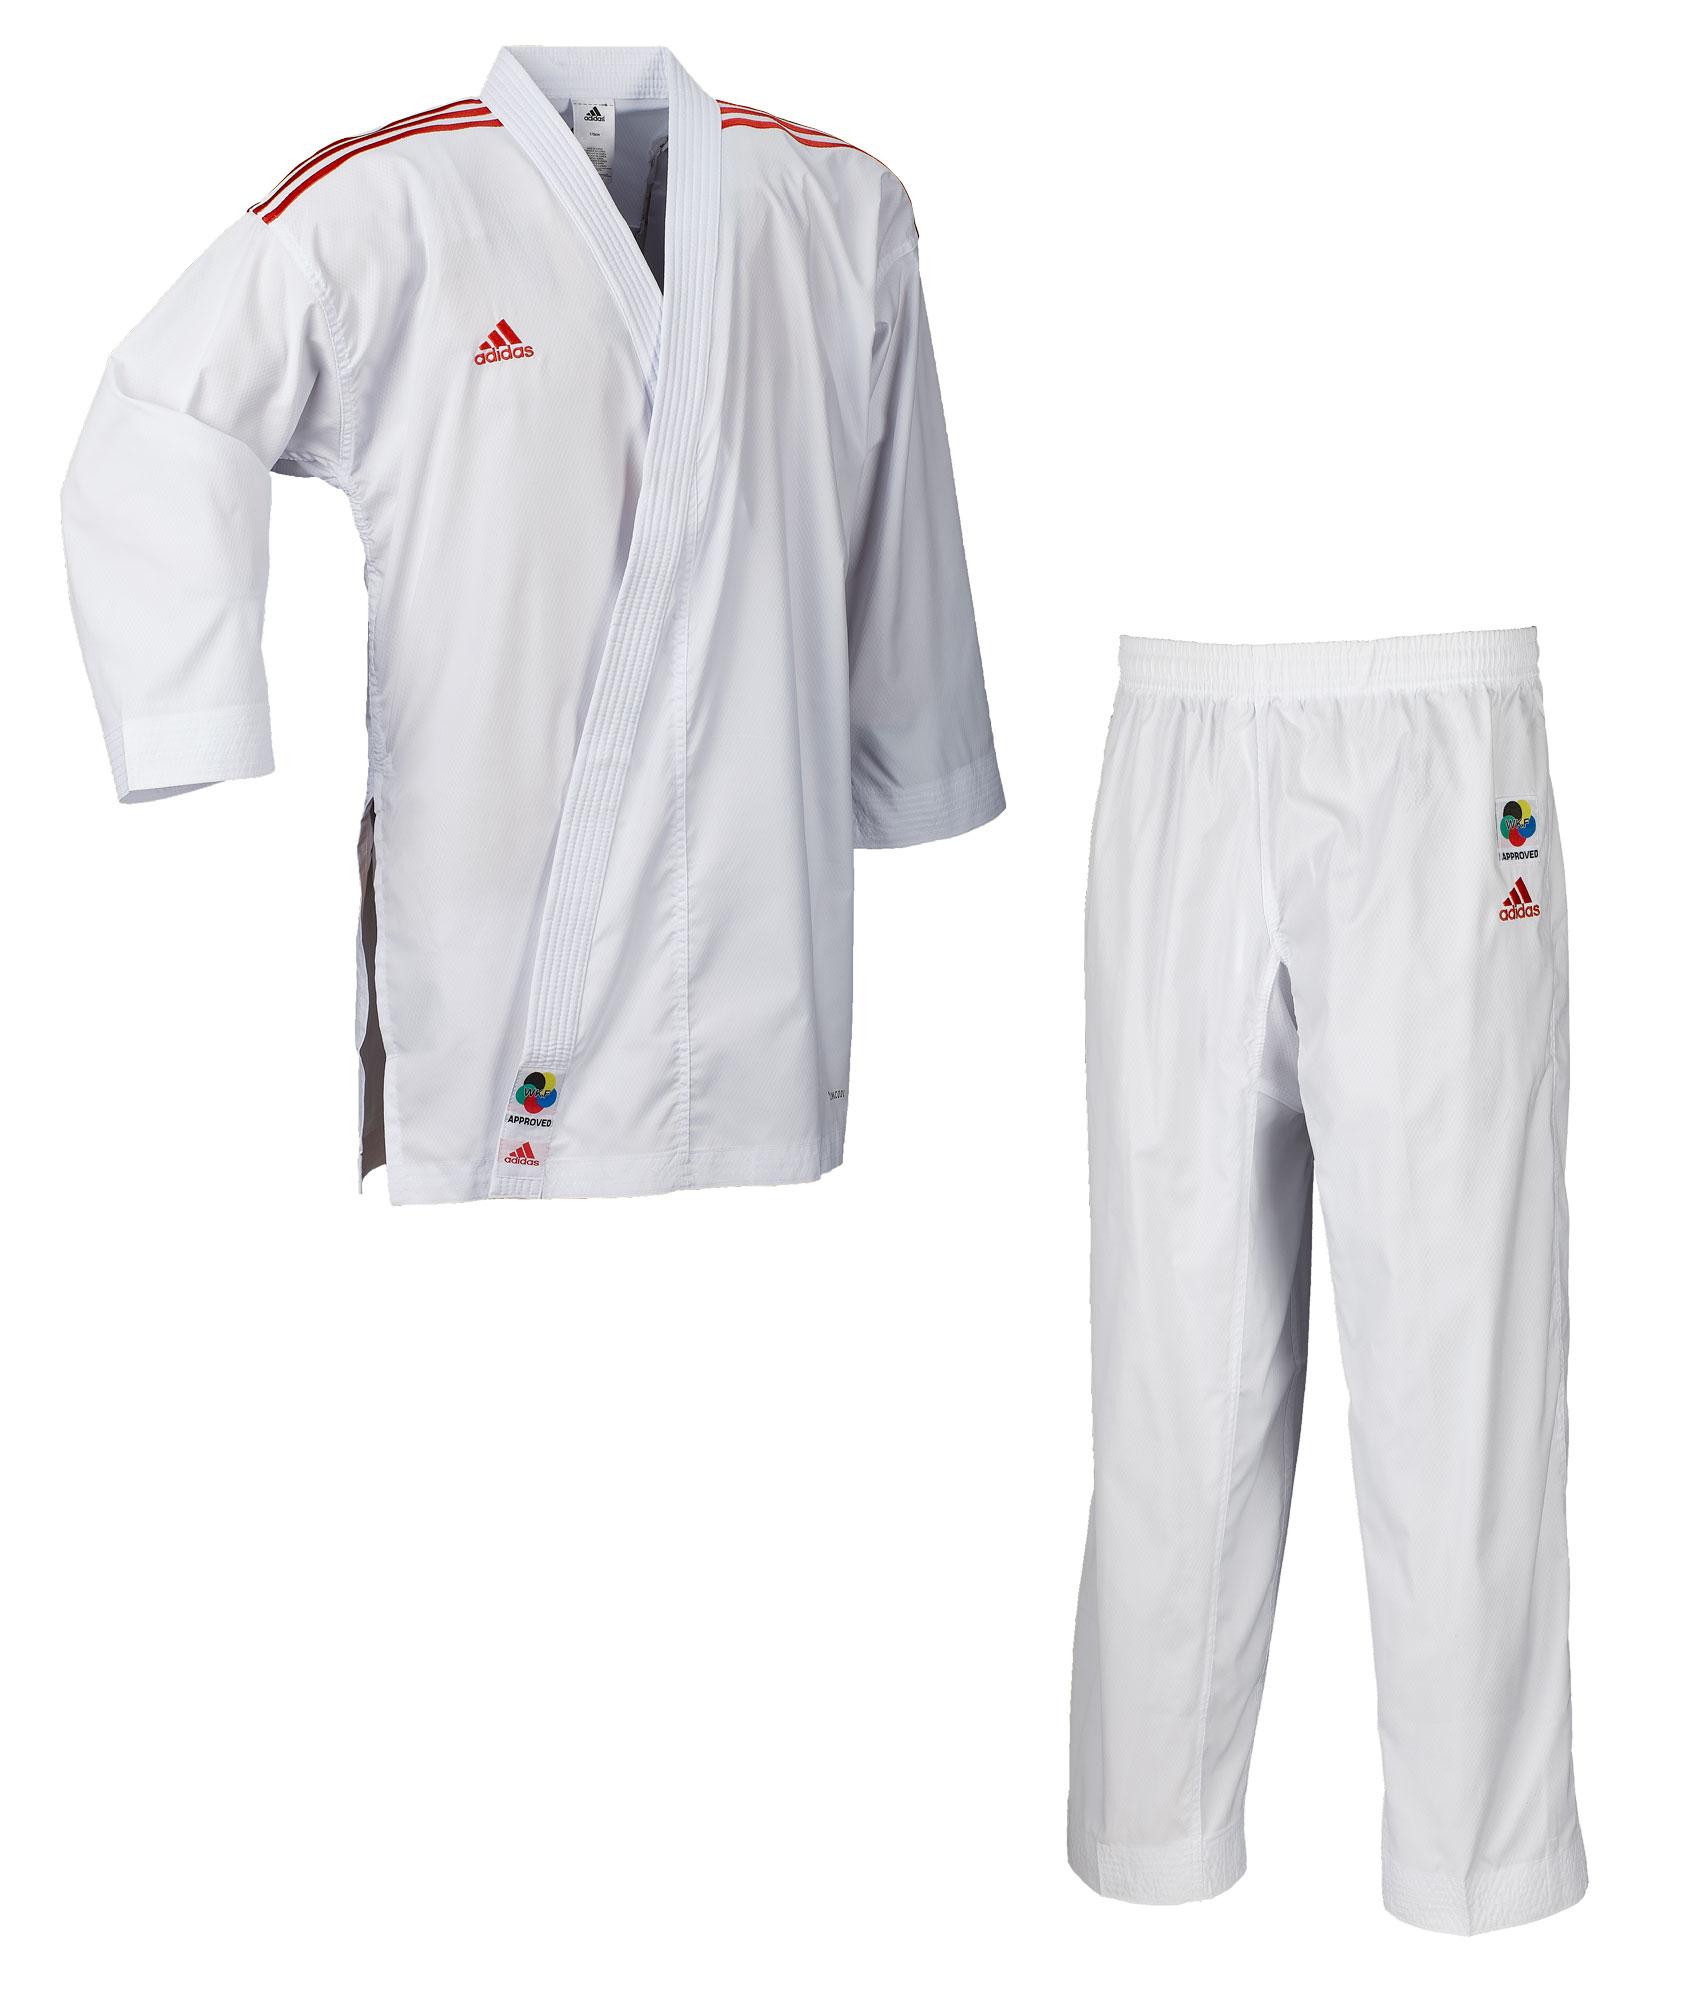 adidas Karateanzug adiLight rote Schulterstreifen, K191SKRD